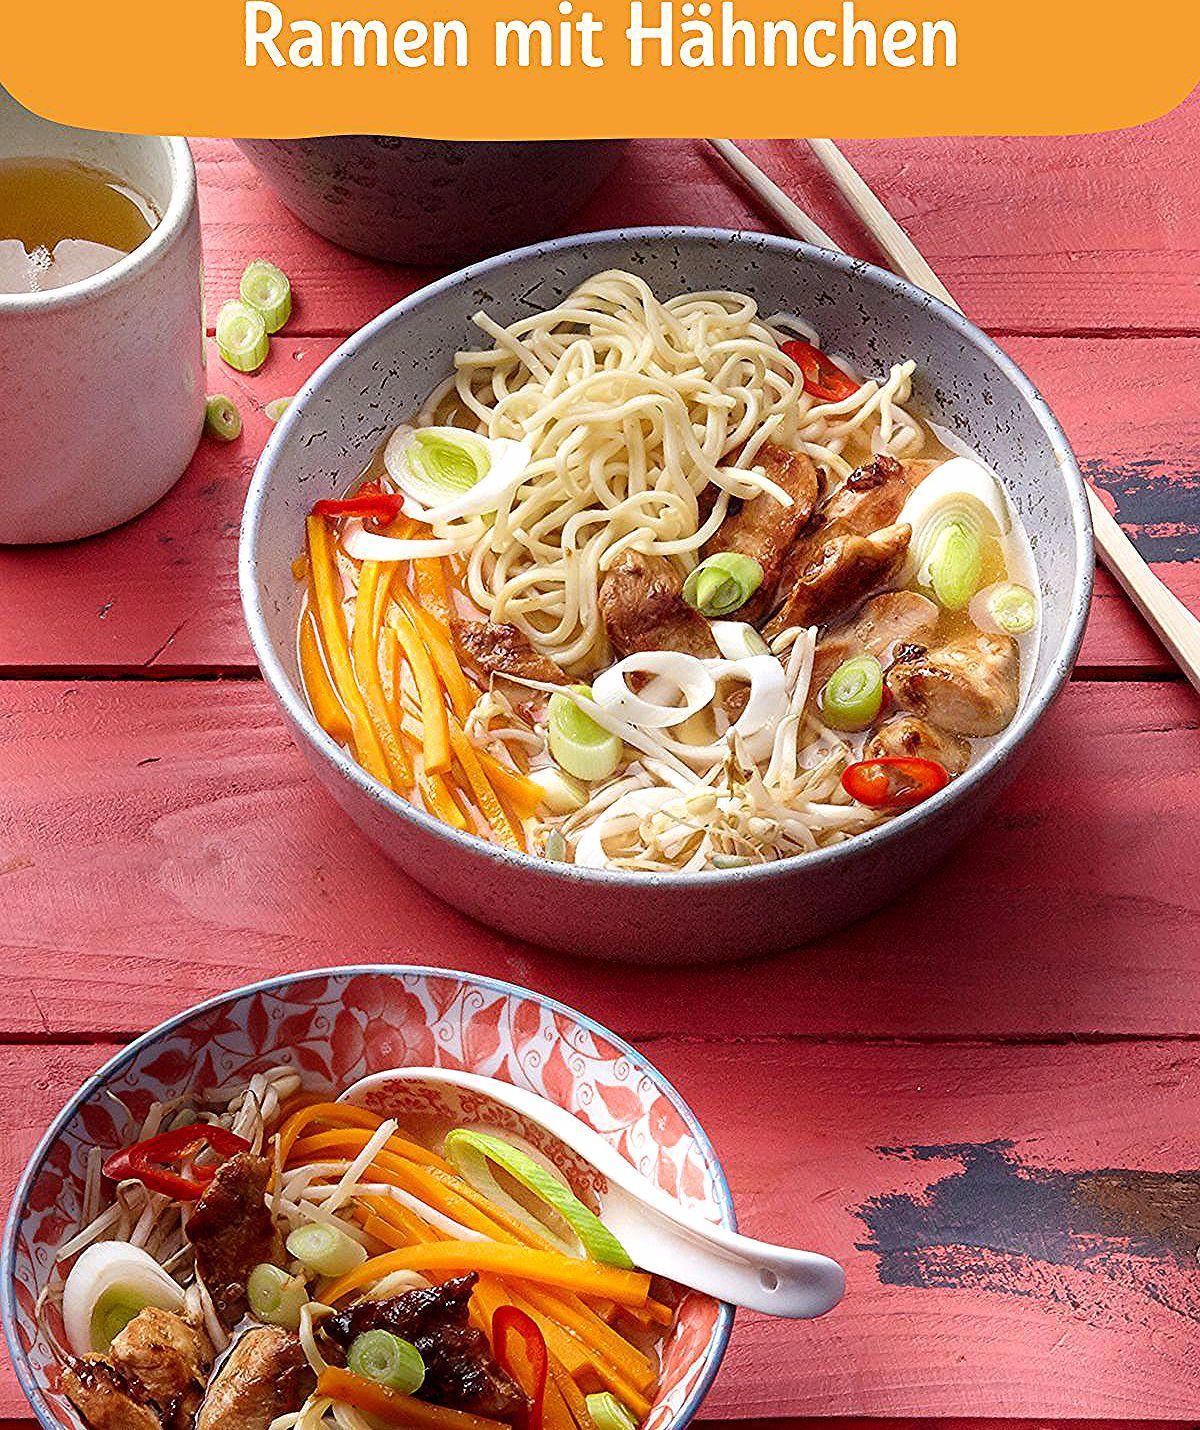 Ramen ist in Japan eine Art Nationalgericht. Die Rezepte sind regional geprägt, daher schmeckt die a...